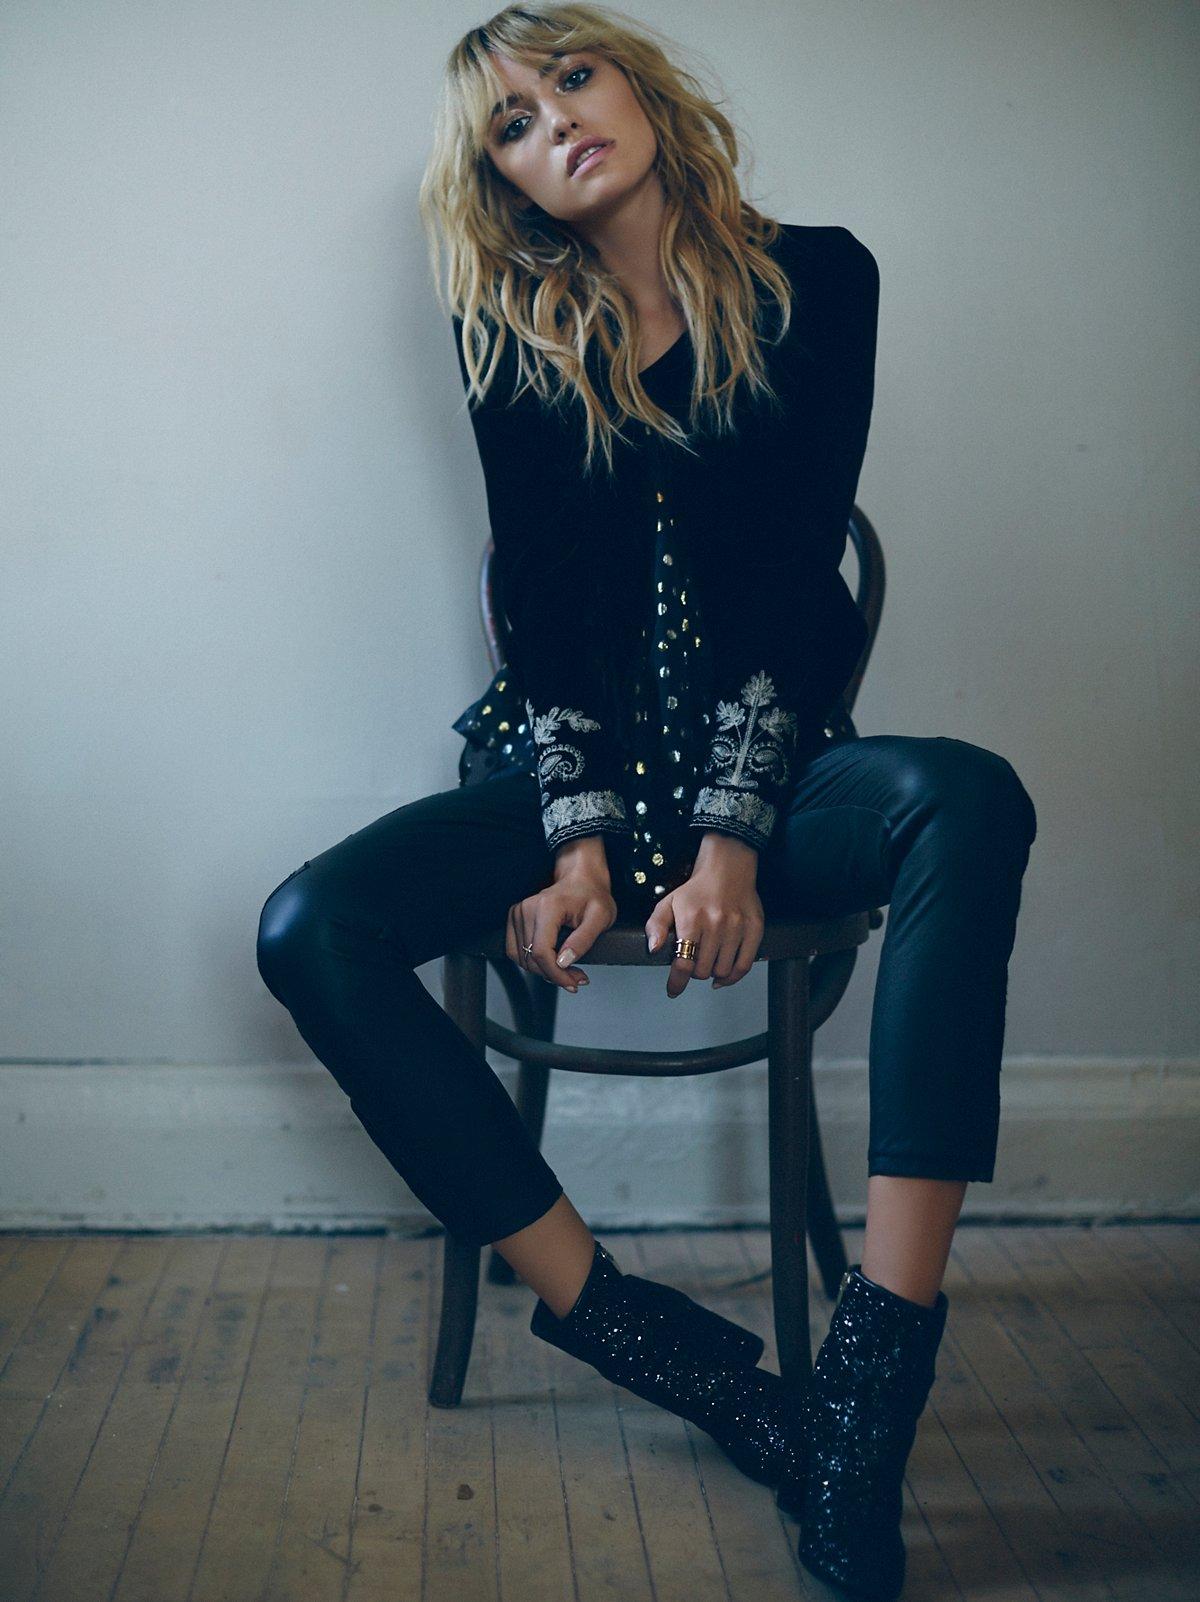 Lana Vegan Leather Legging